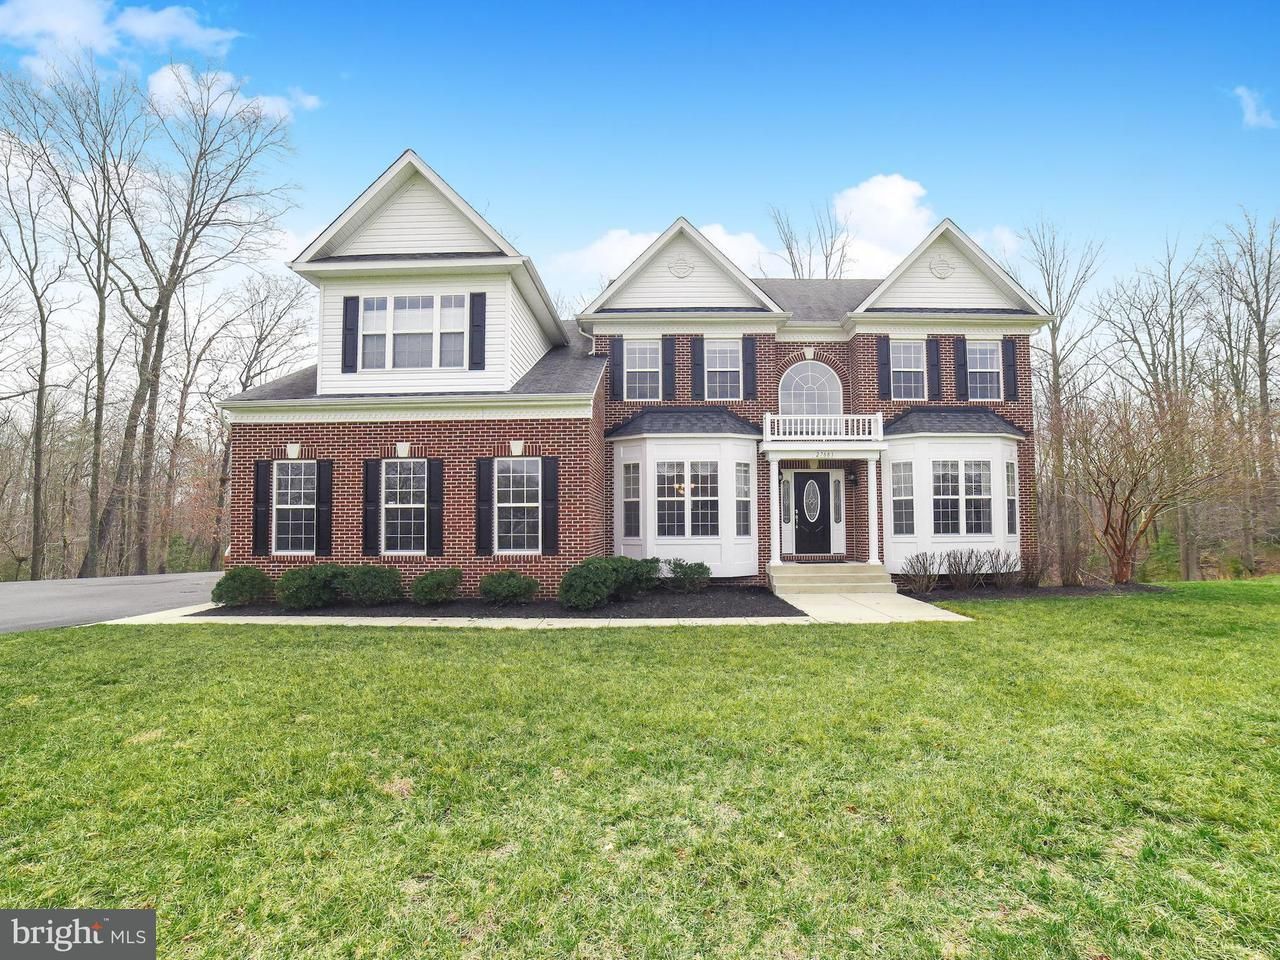 Einfamilienhaus für Verkauf beim 27883 Ben Oaks Drive 27883 Ben Oaks Drive Mechanicsville, Maryland 20659 Vereinigte Staaten